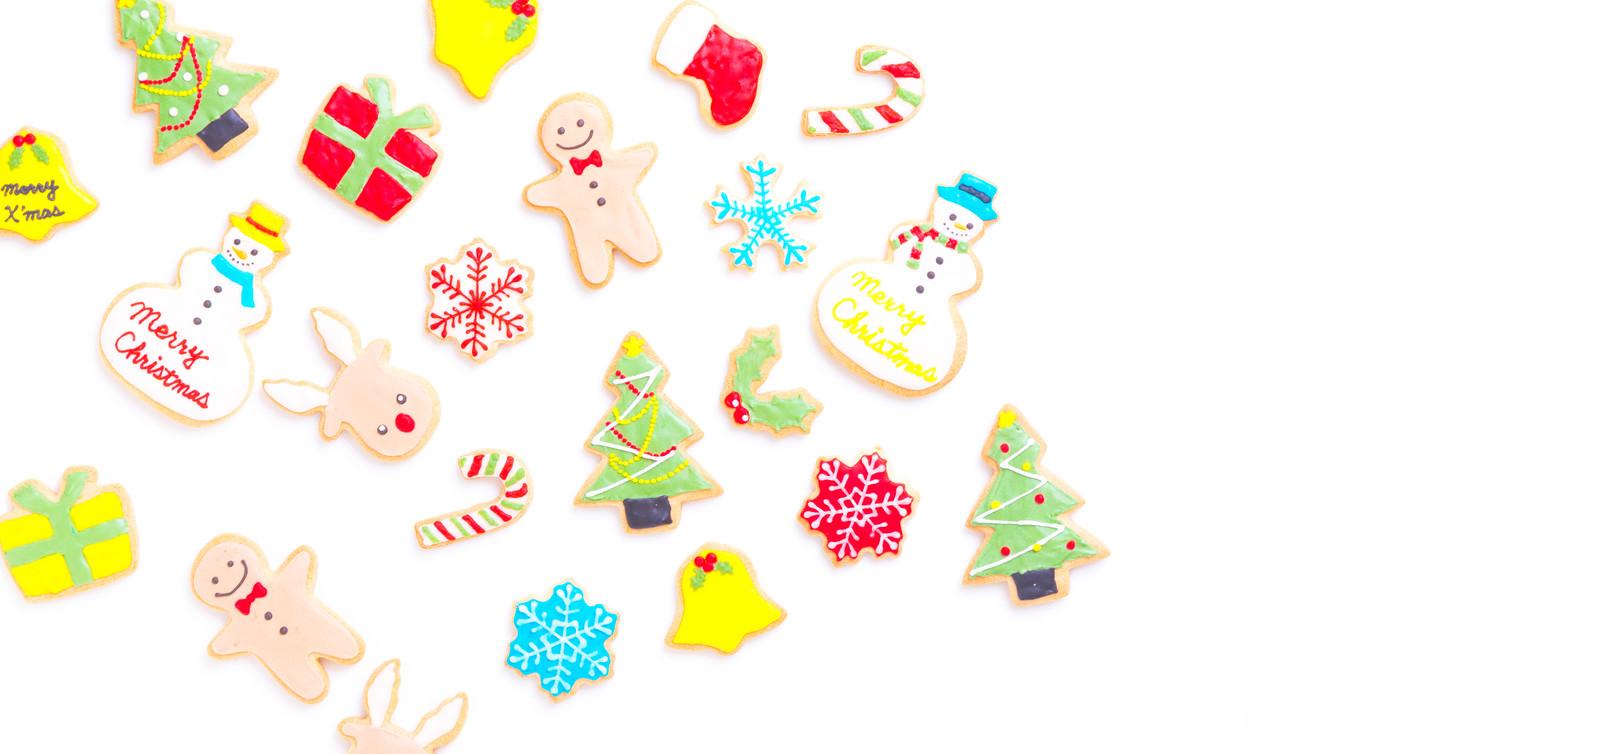 「クリスマスのキャラクタークッキー」の写真